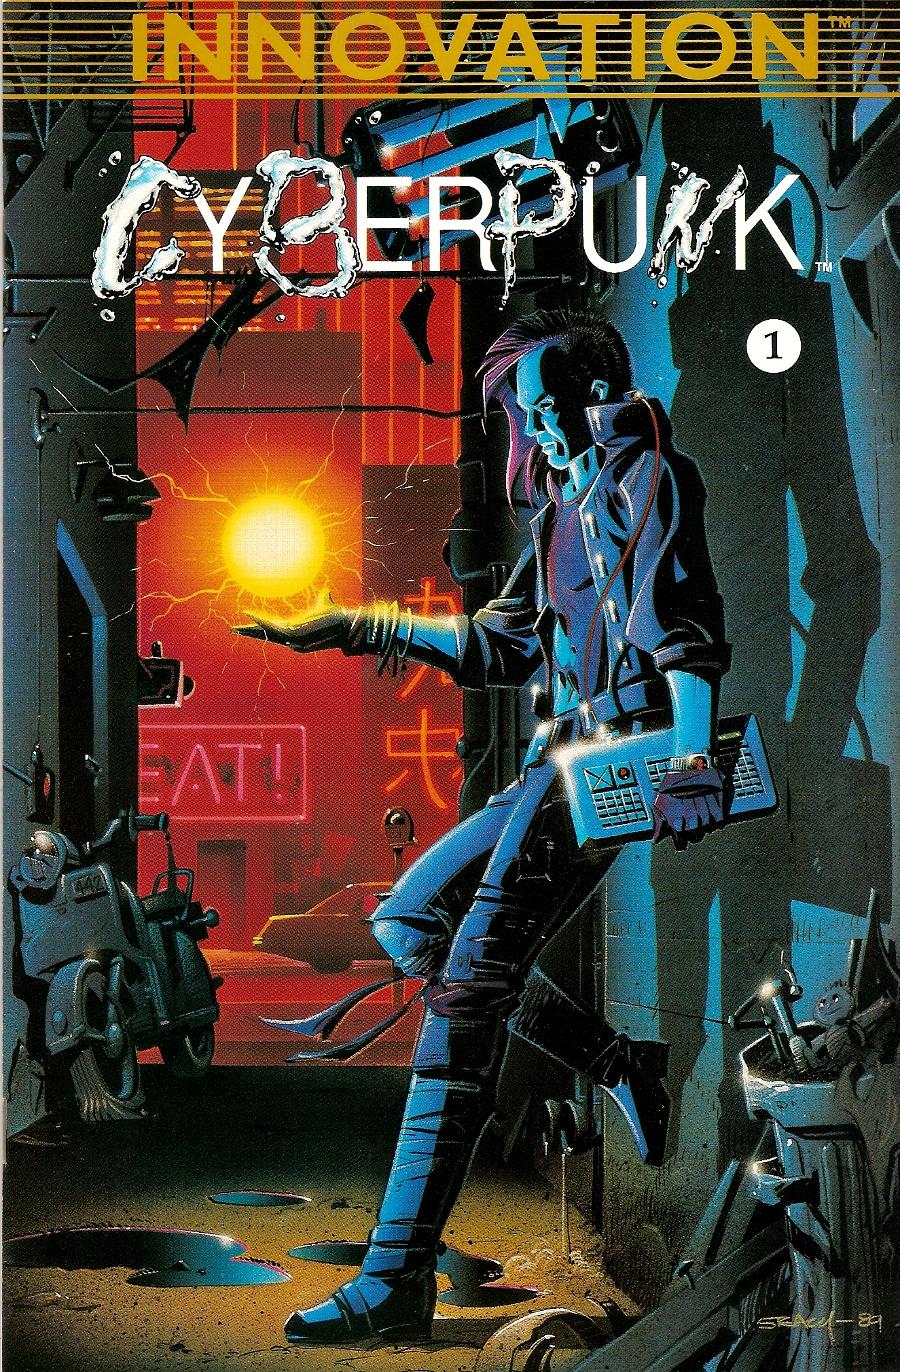 Cyberpunk #1